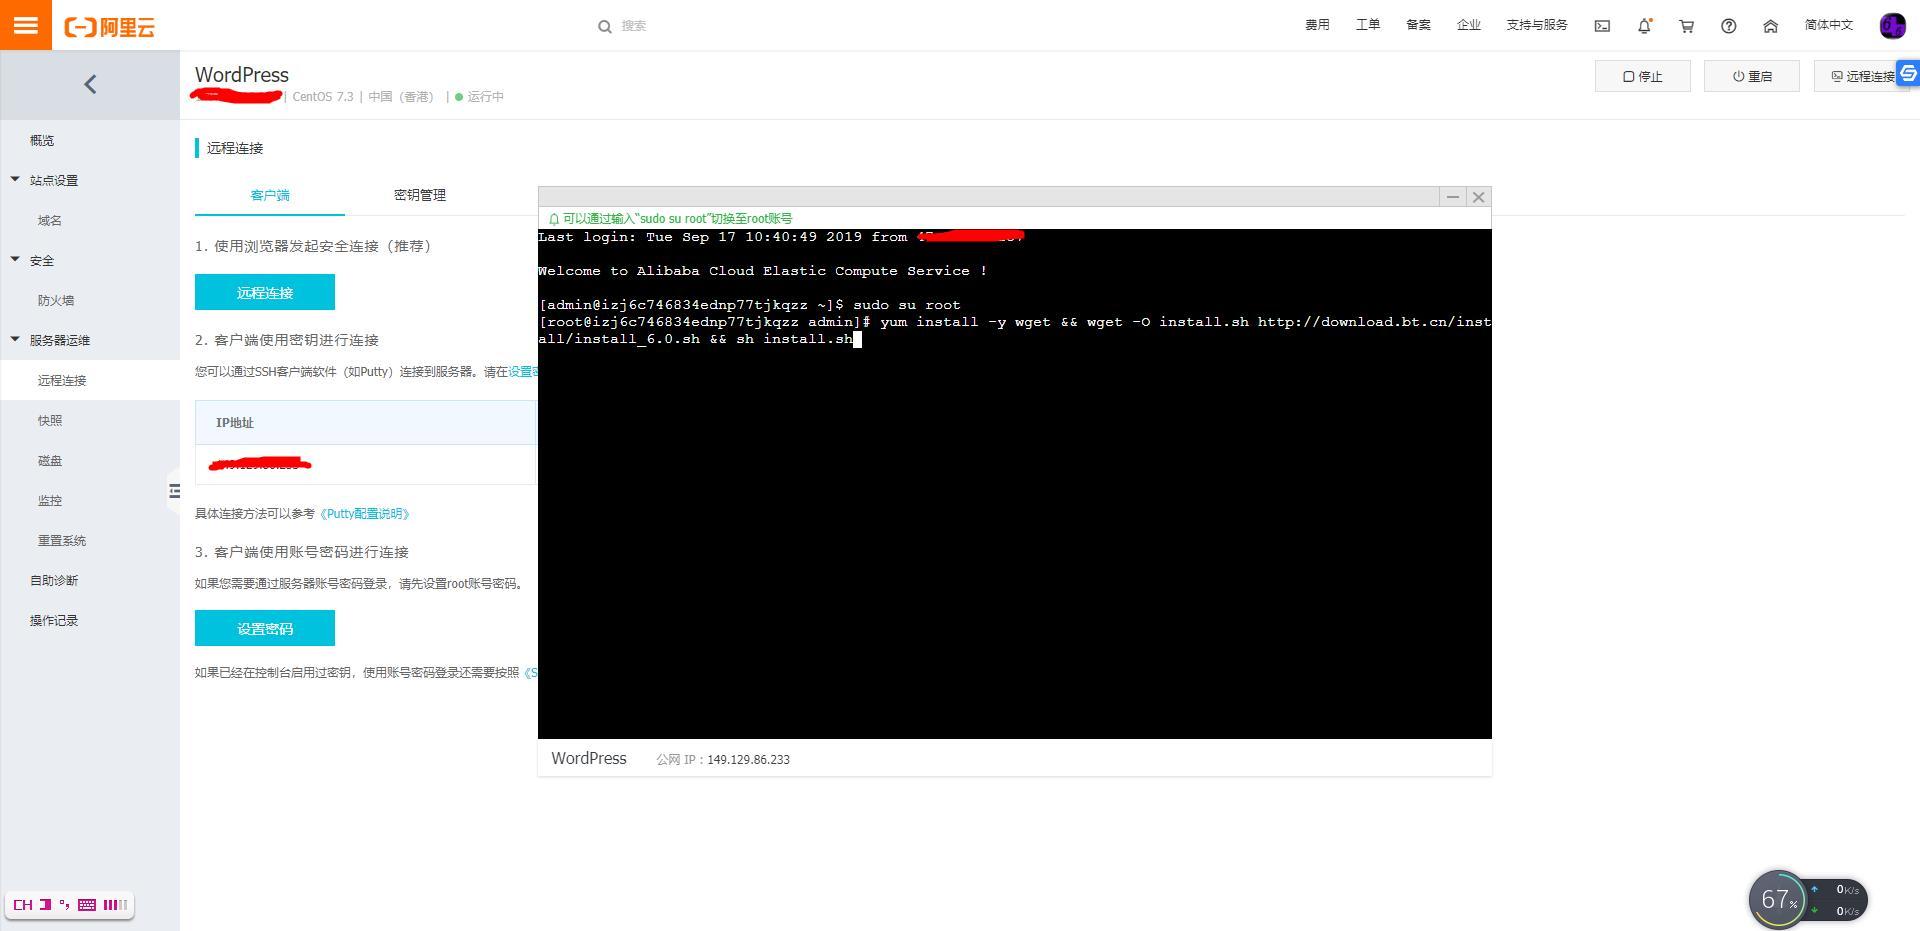 阿里云轻量应用服务器安装BT宝塔控制面板教程